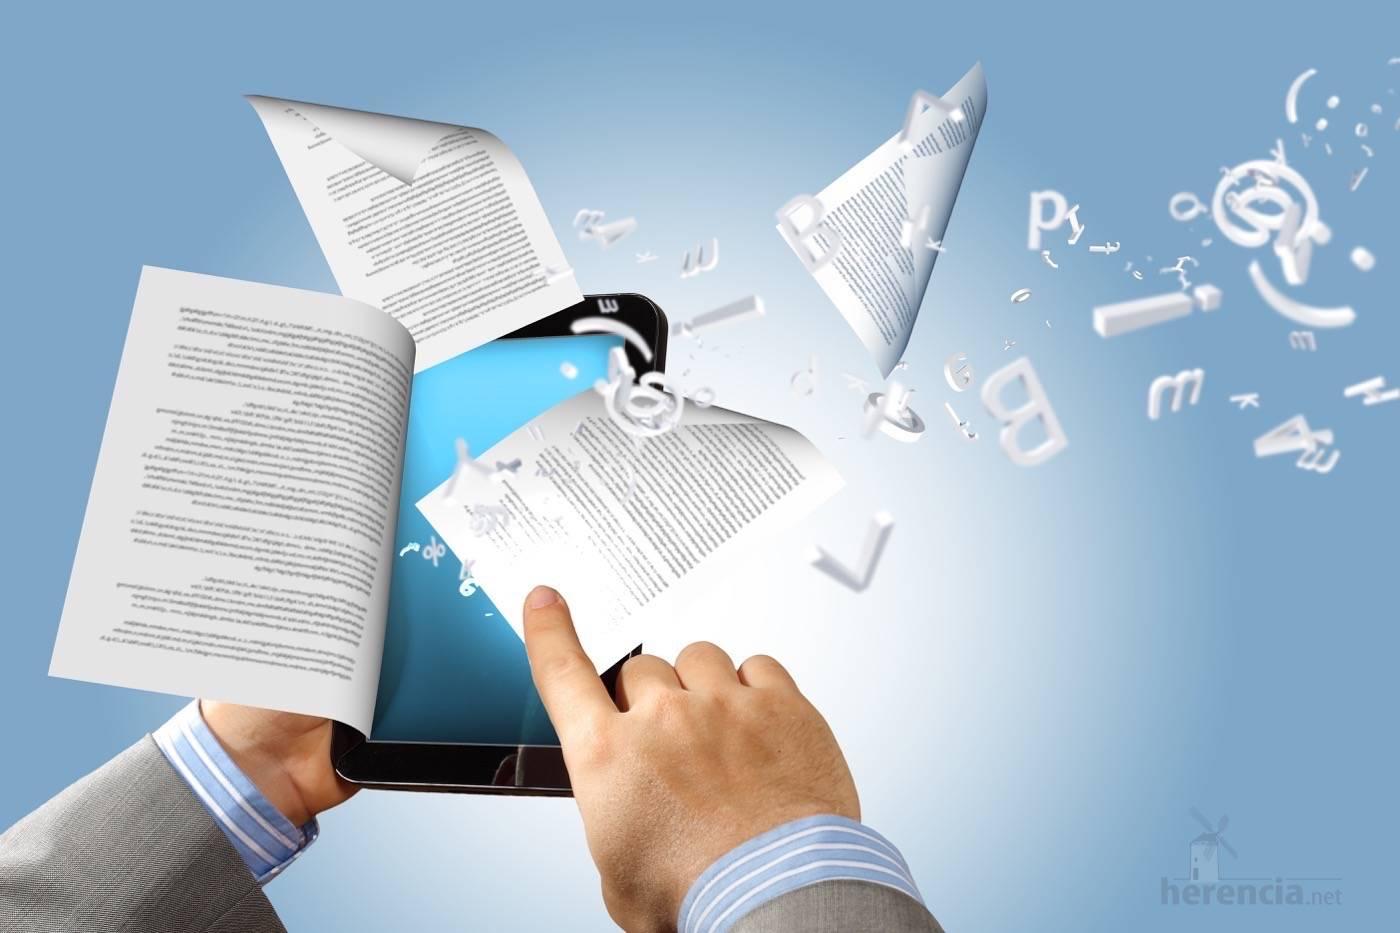 transparencia en ayuntamientos - Publicada la ordenanza de transparencia, acceso a la información y reutilización